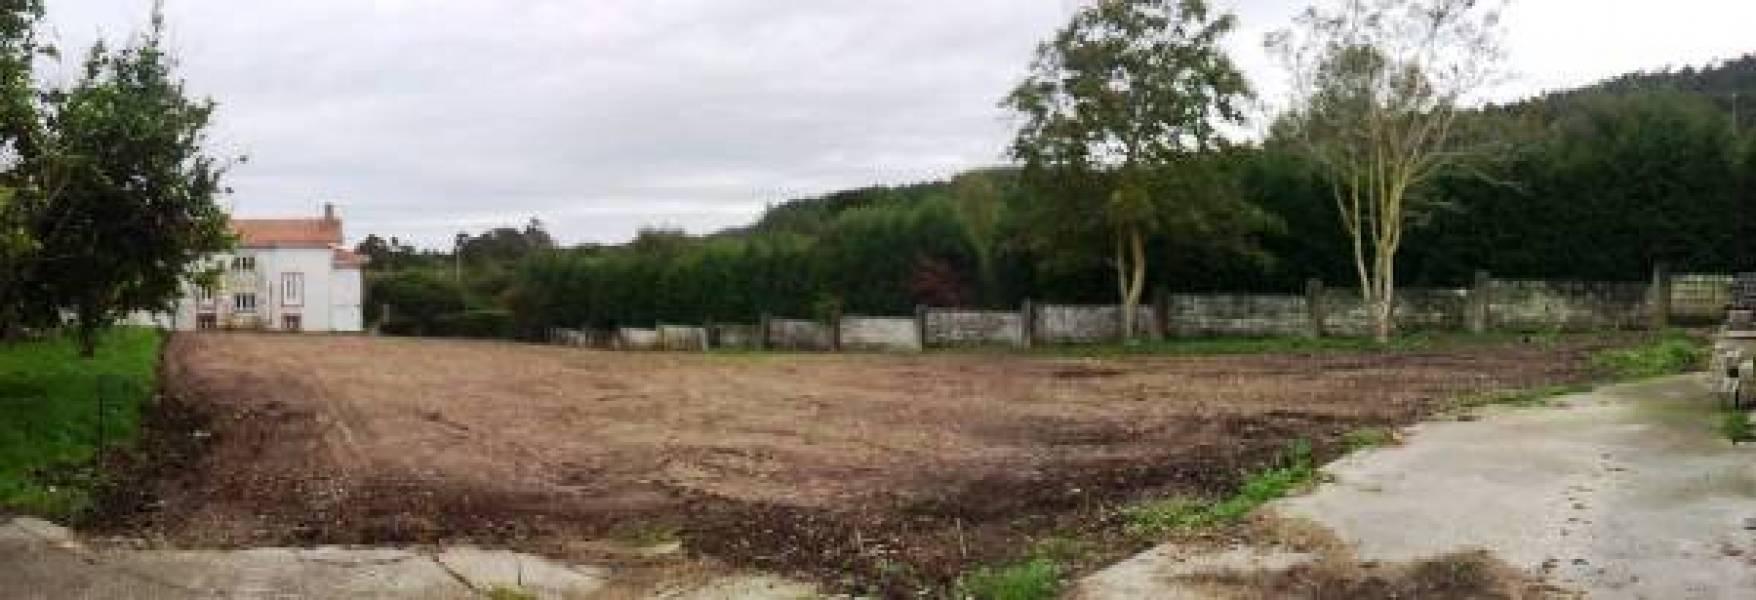 Venta de terreno rural en cudillero - imagenInmueble3